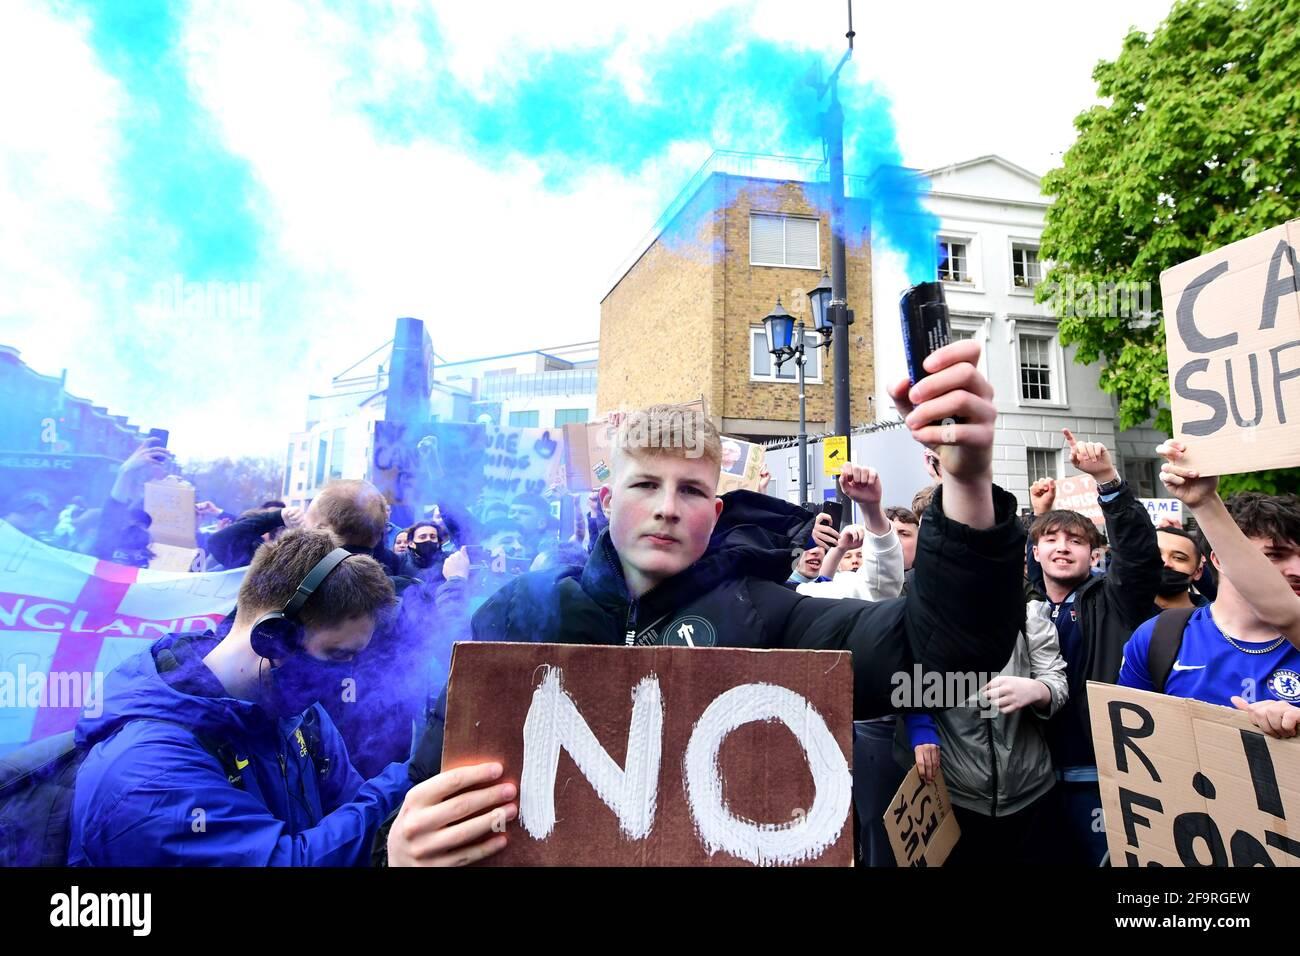 Los aficionados protestan contra la participación de Chelsea en la nueva SuperLiga Europea fuera del Stamford Bridge, Londres. Fecha de la foto: Martes 20 de abril de 2021. Foto de stock